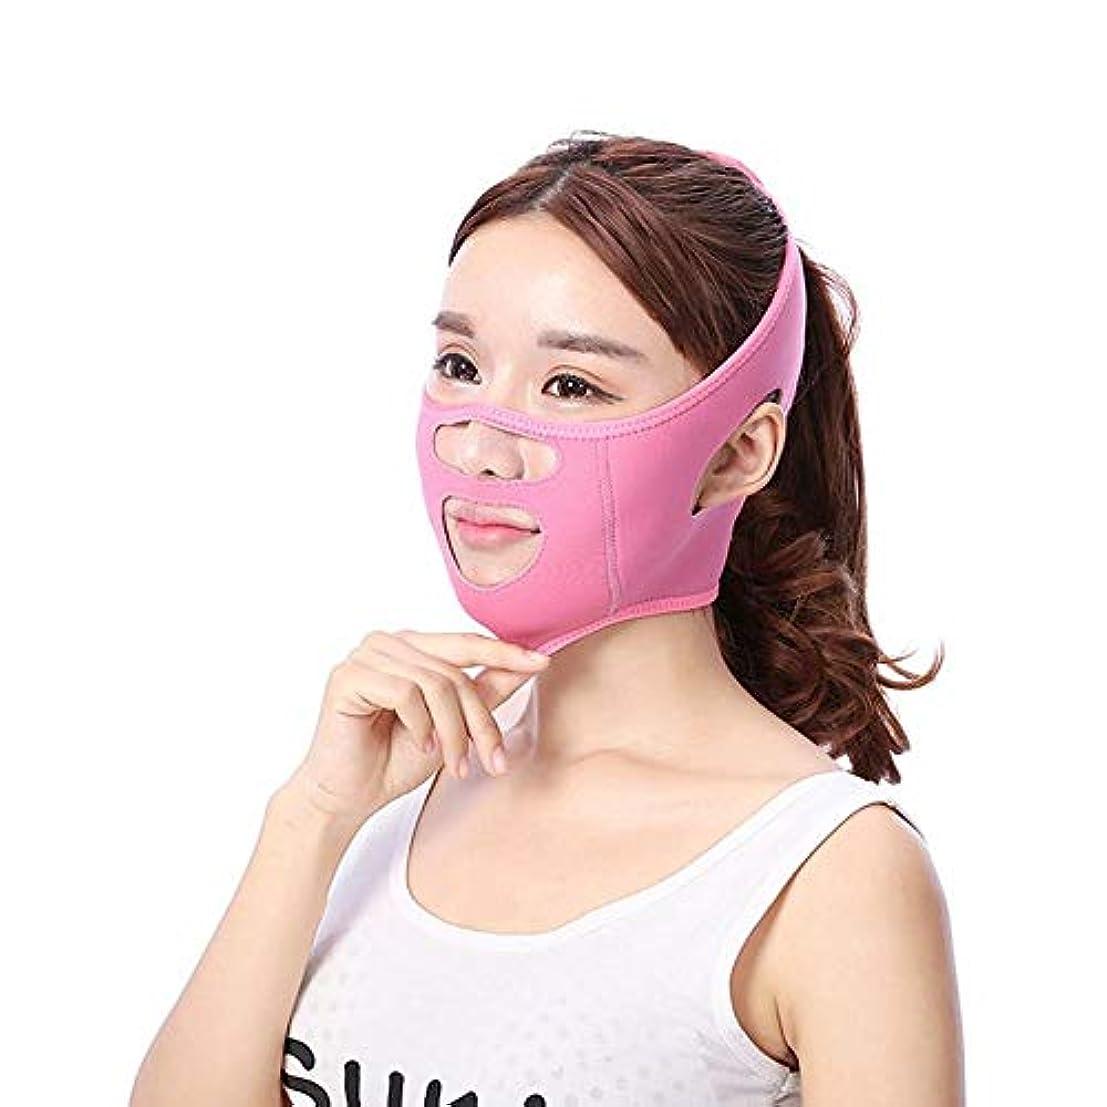 カイウスベーカリーオフセットJia Jia- シンフェイスアーティファクトリフティング引き締めフェイス睡眠包帯フェイシャルリフティングアンチ垂れ下がり法律パターンステッカー8ワード口角 - ピンク 顔面包帯